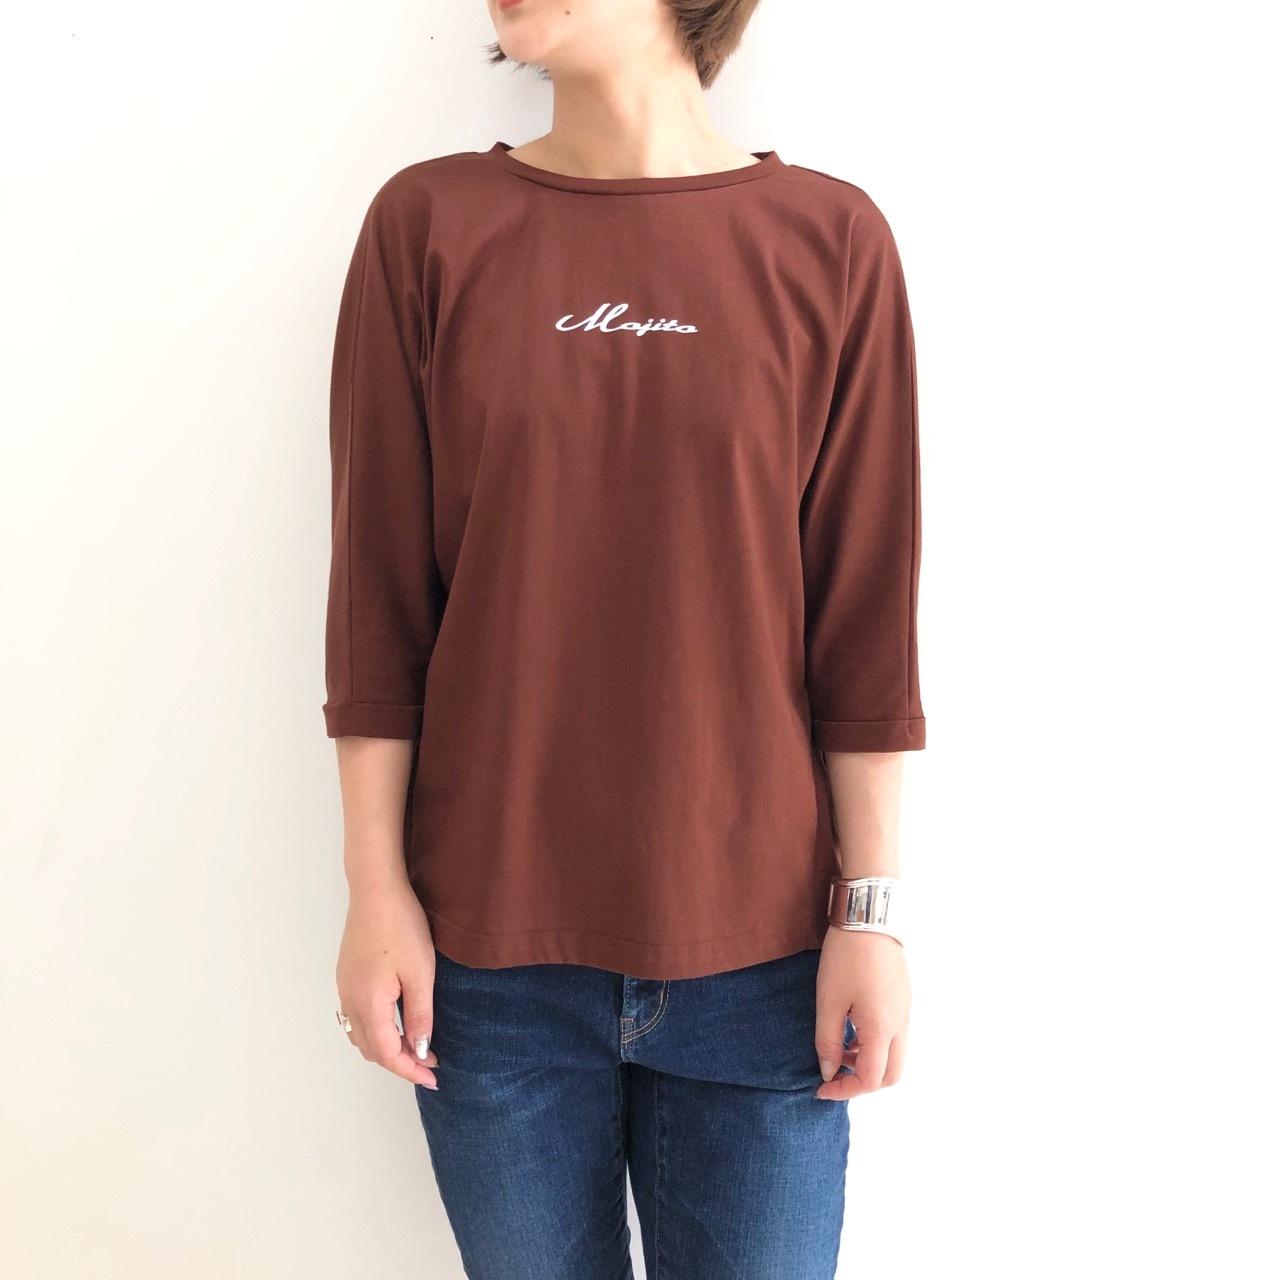 【 QTUME 】- 962-25659 - 五分袖プリントTeeシャツ